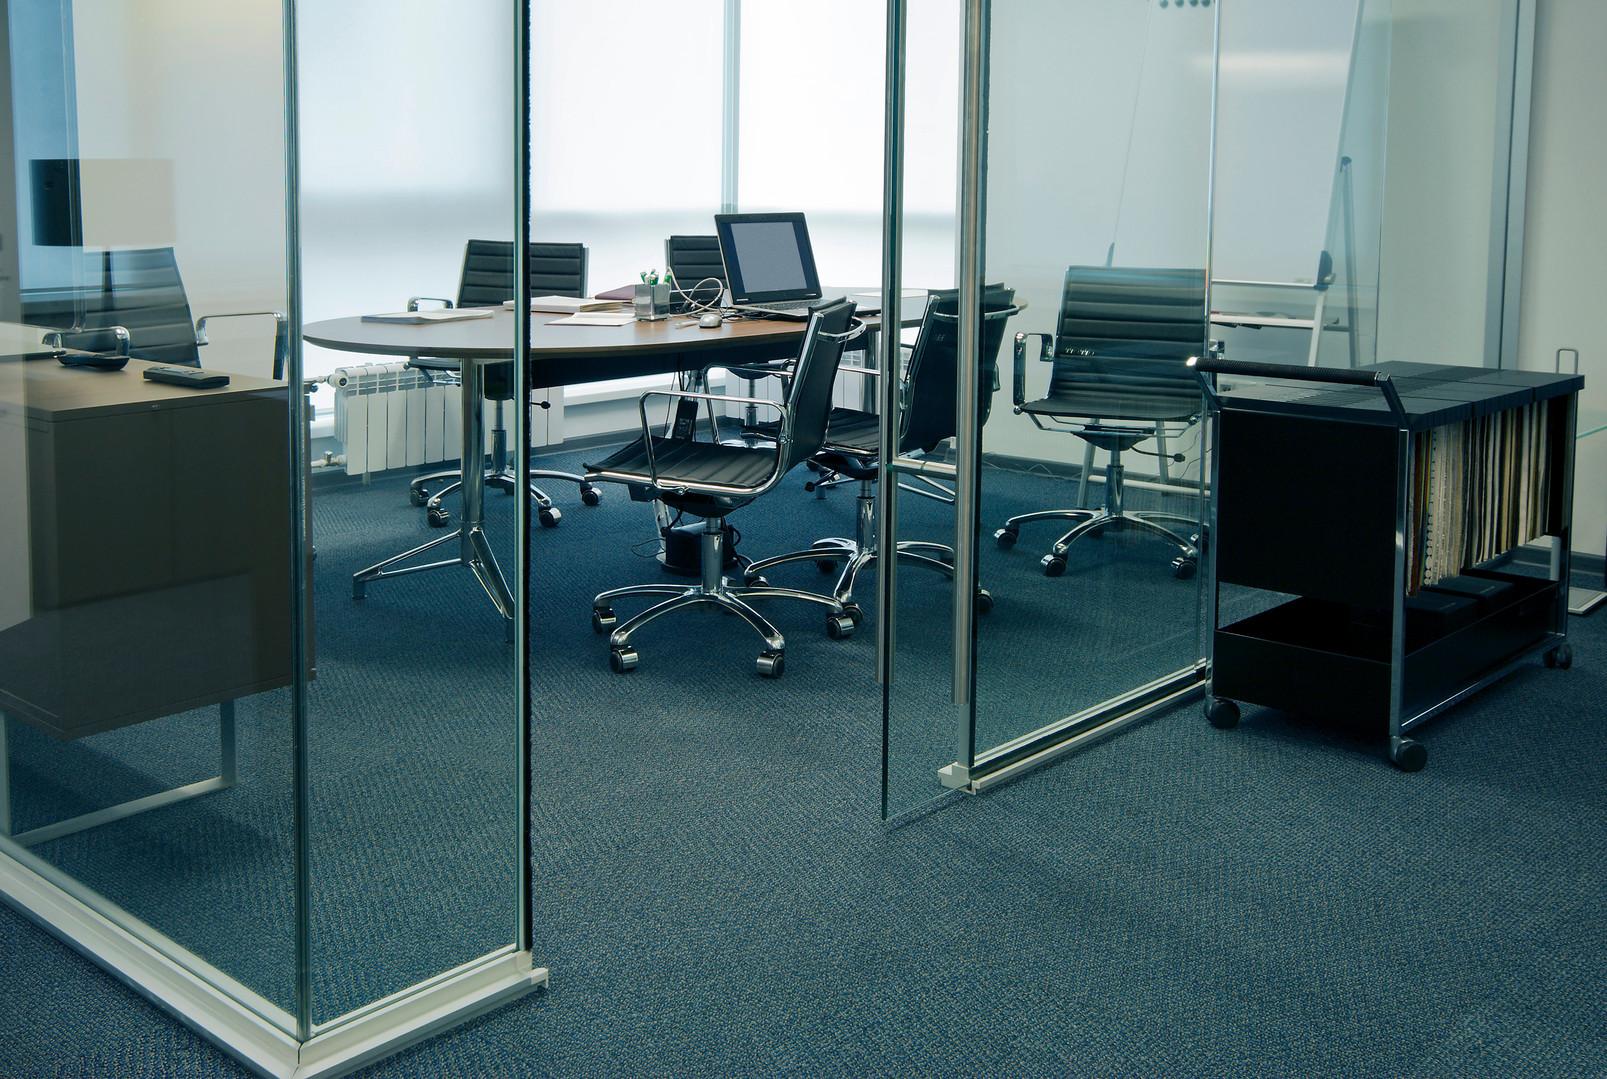 Office_5.jpg